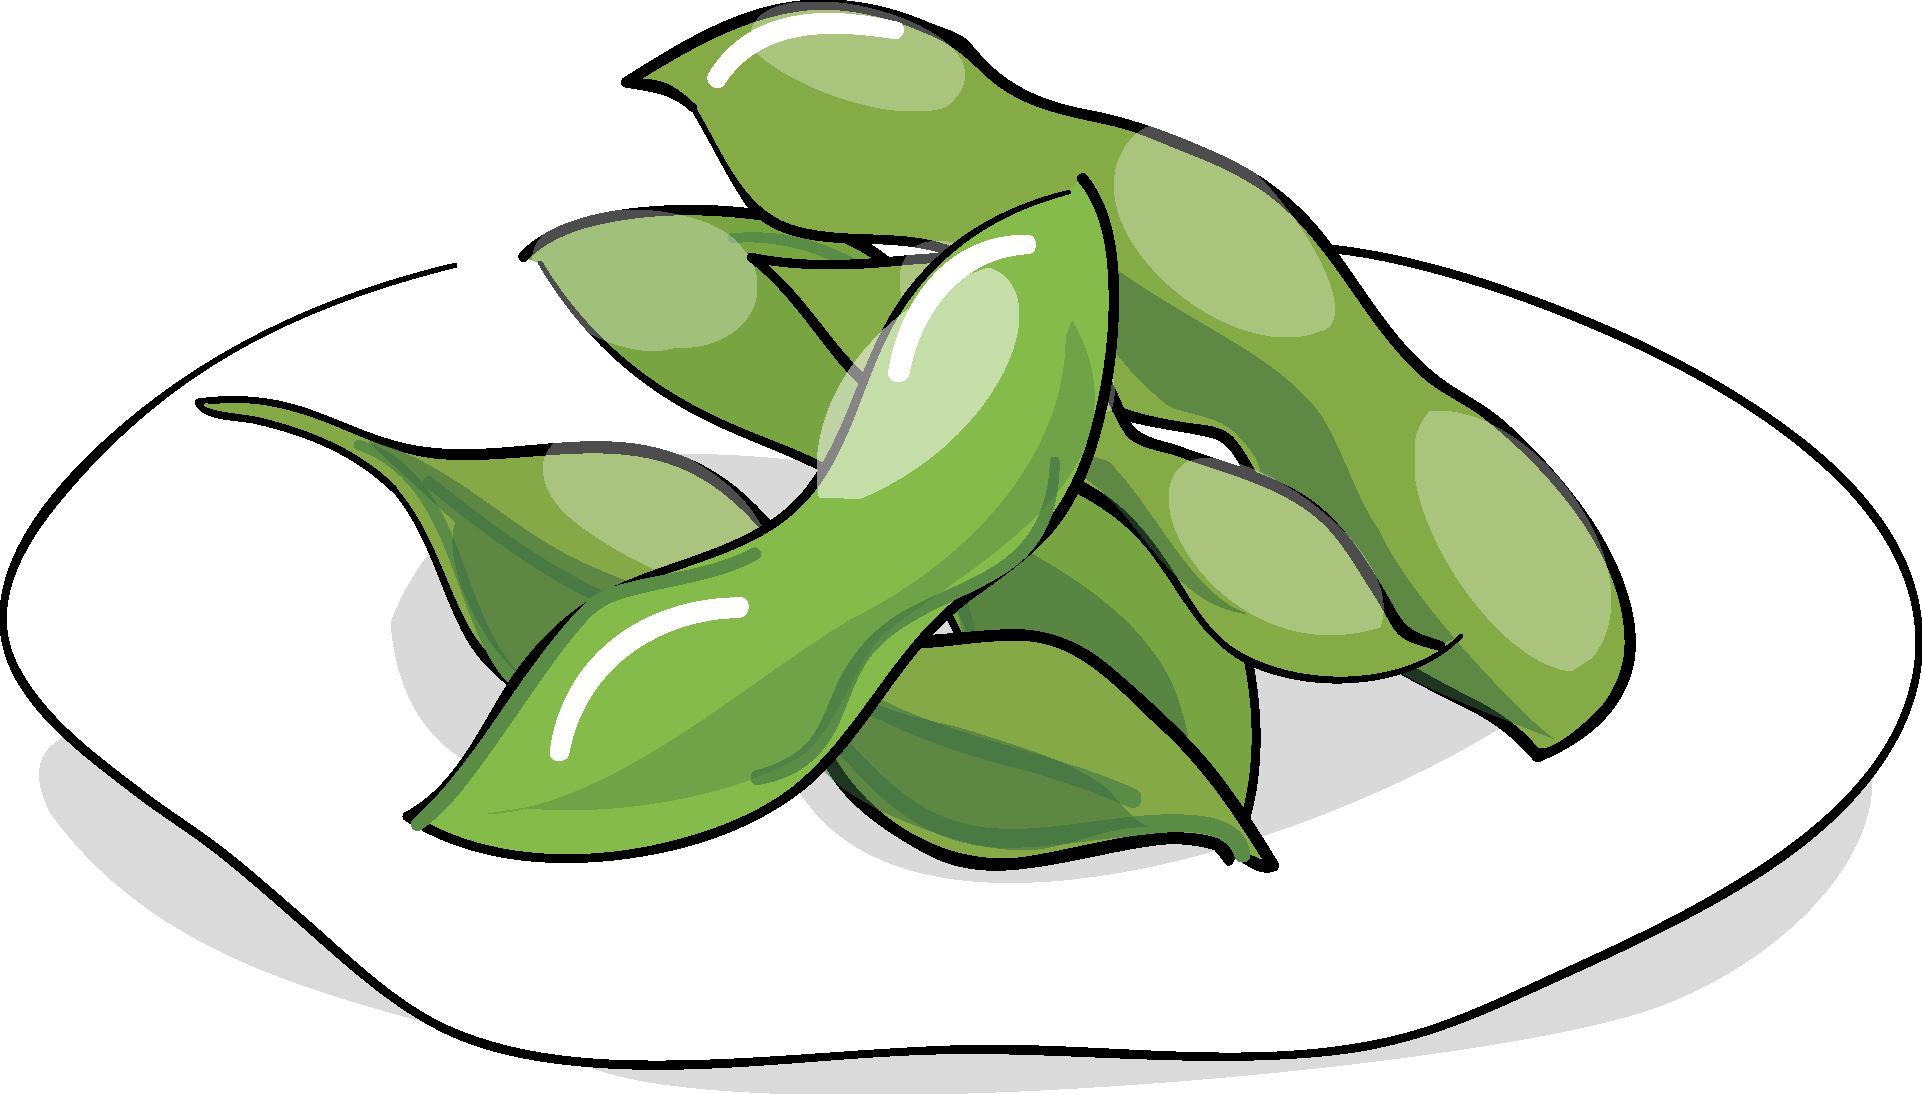 夏の印刷用イラスト素材「夏・食べ物・枝豆」ダウンロード